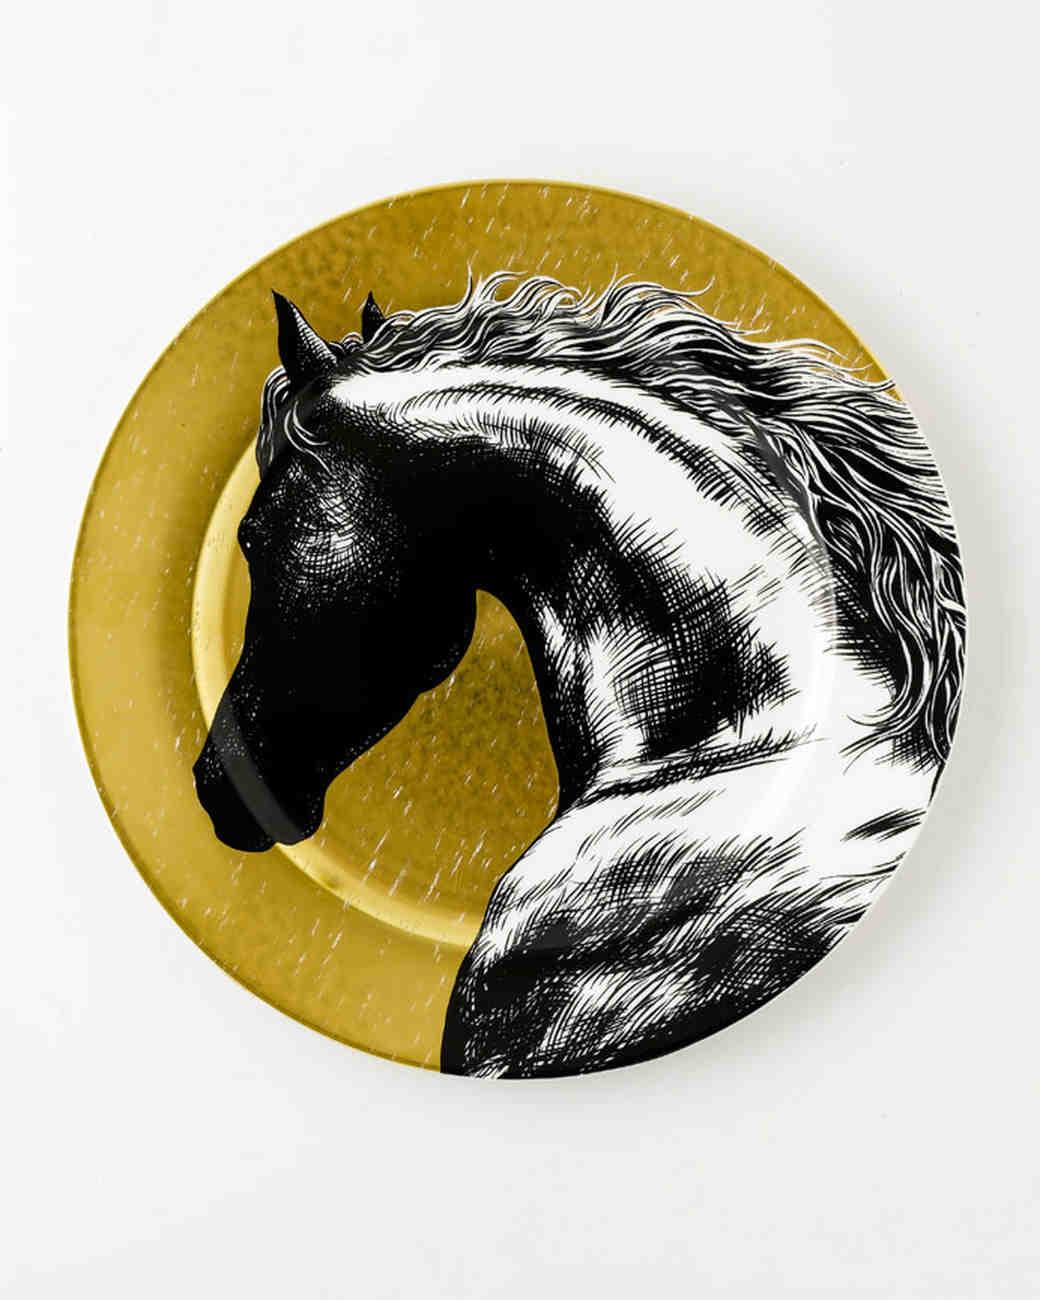 china-registry-luxe-royal-crown-derby-equus-dinnerware-1014.jpg